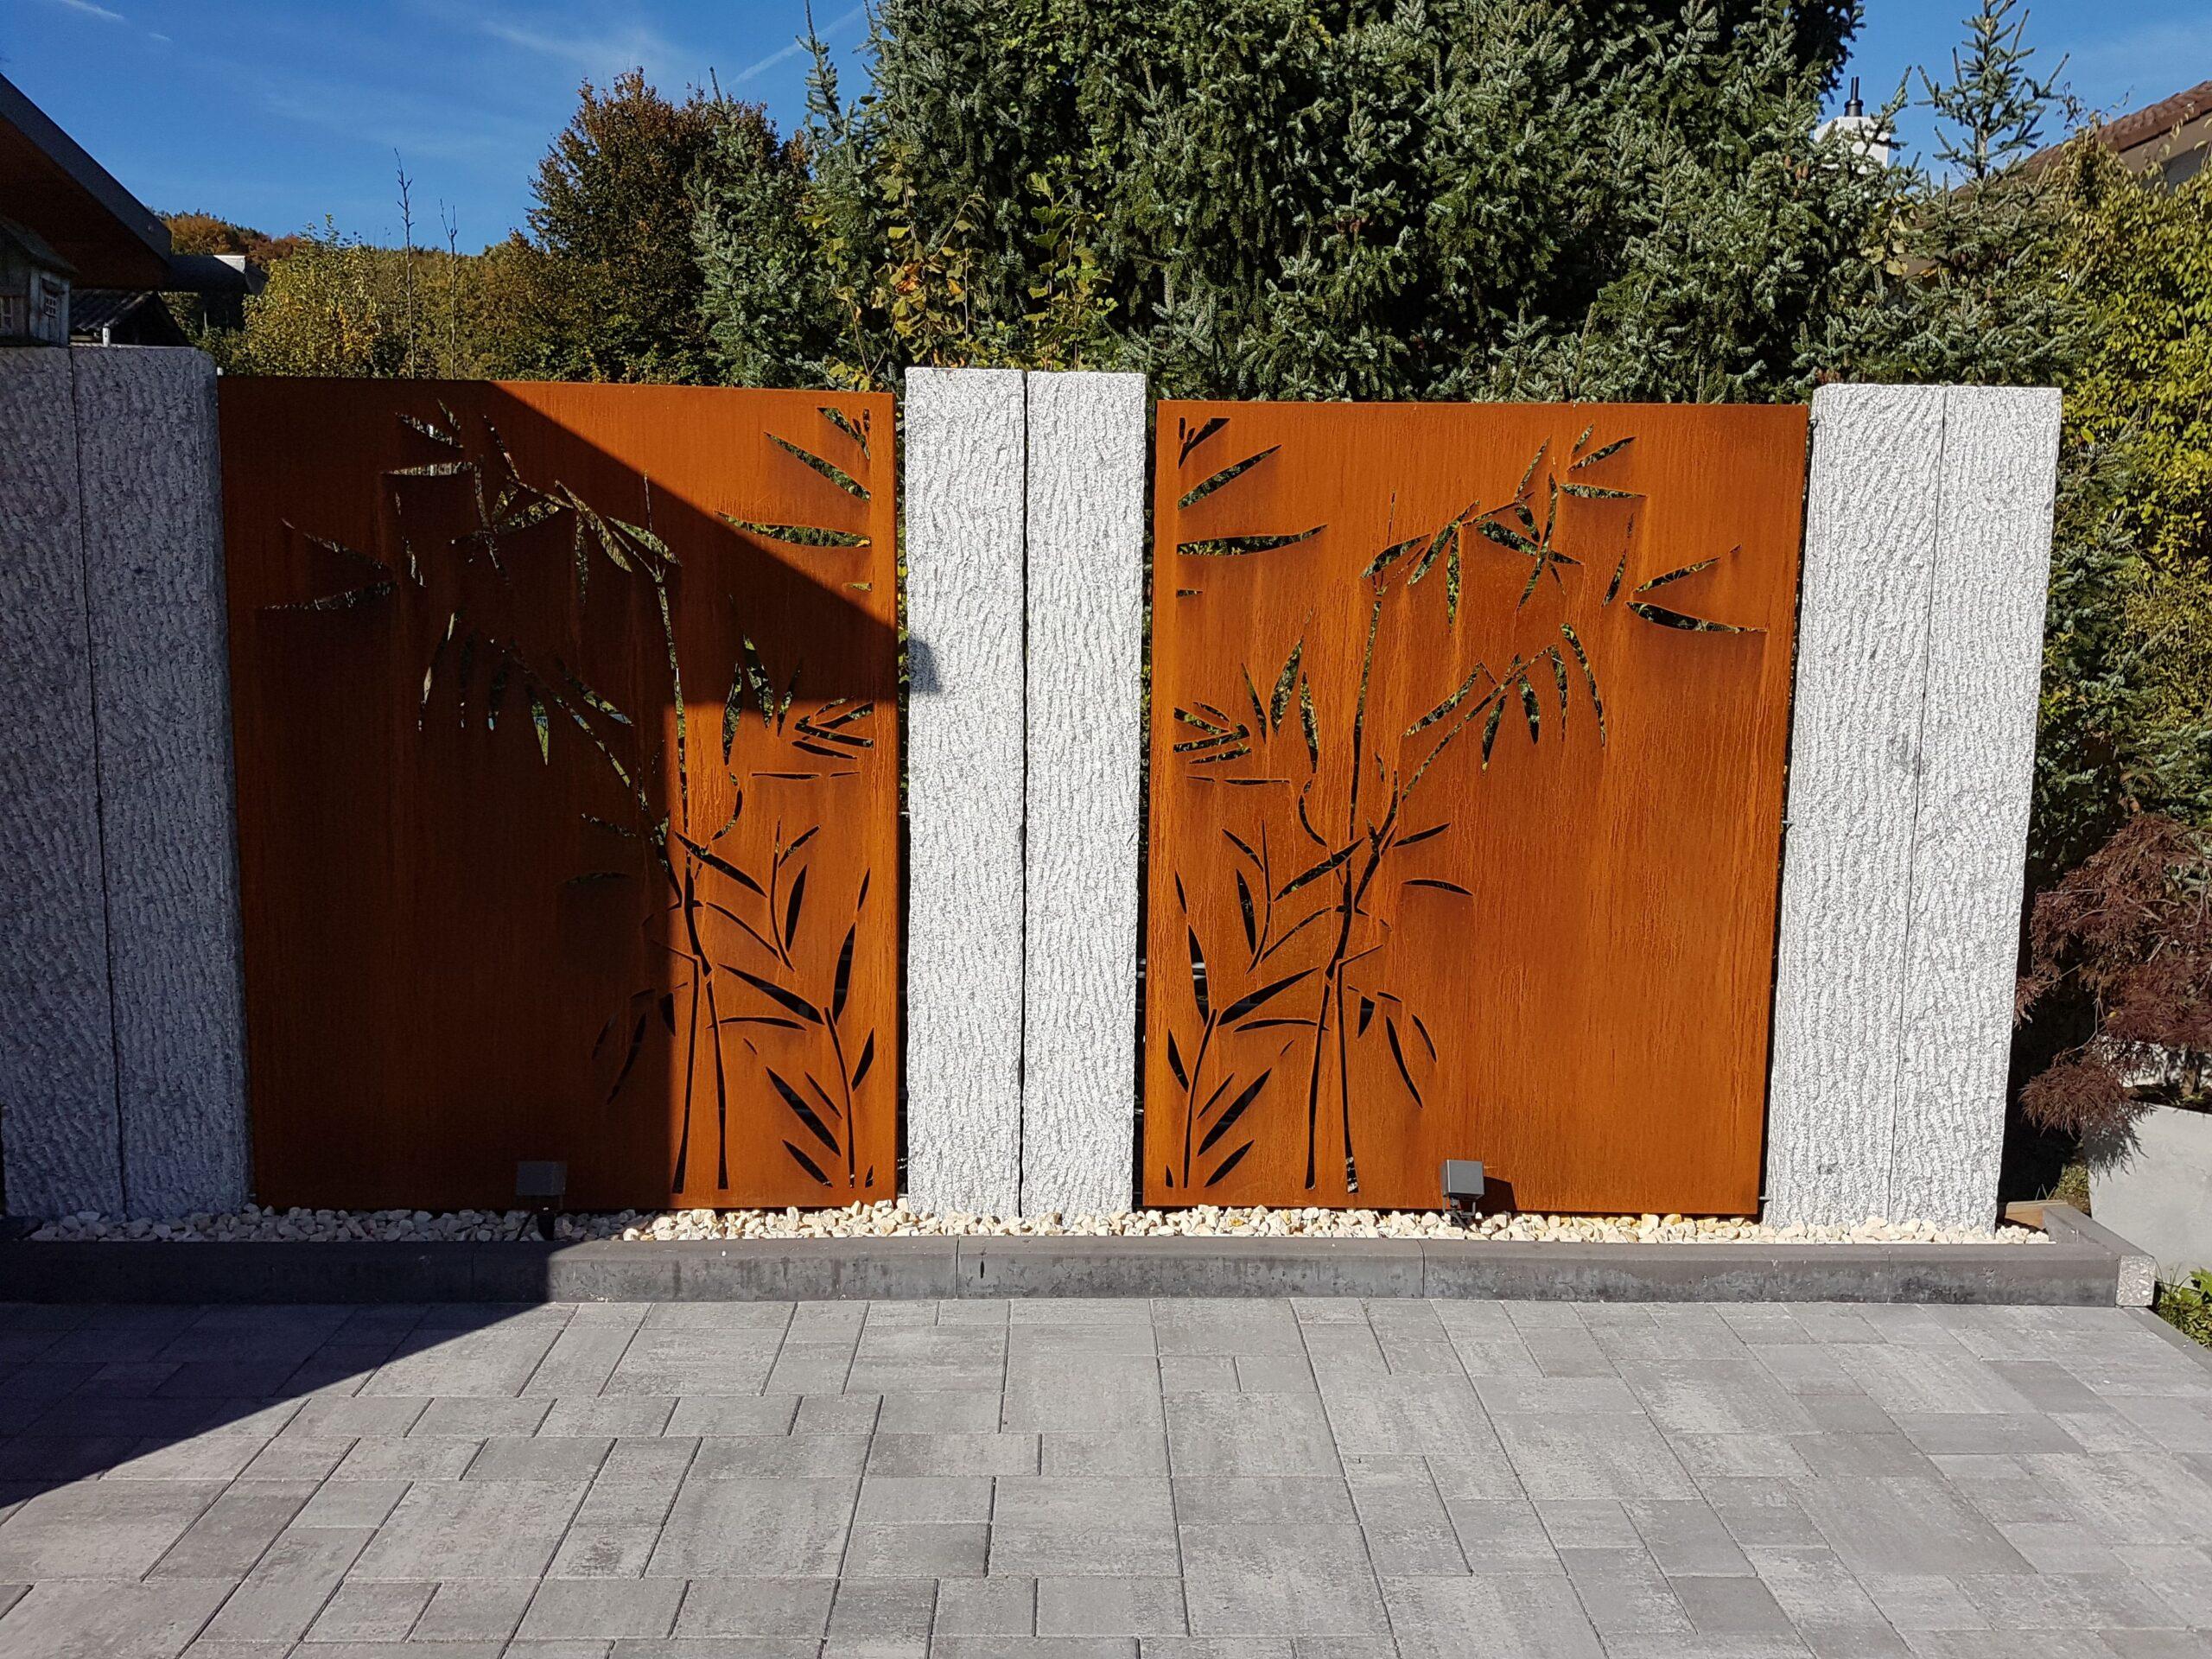 Full Size of Abtrennwand Garten Trennwand Holz Sichtschutz Bild Von Simona Ca In 2020 Spielhaus Jacuzzi Und Landschaftsbau Berlin Versicherung Whirlpool Klapptisch Wohnzimmer Abtrennwand Garten